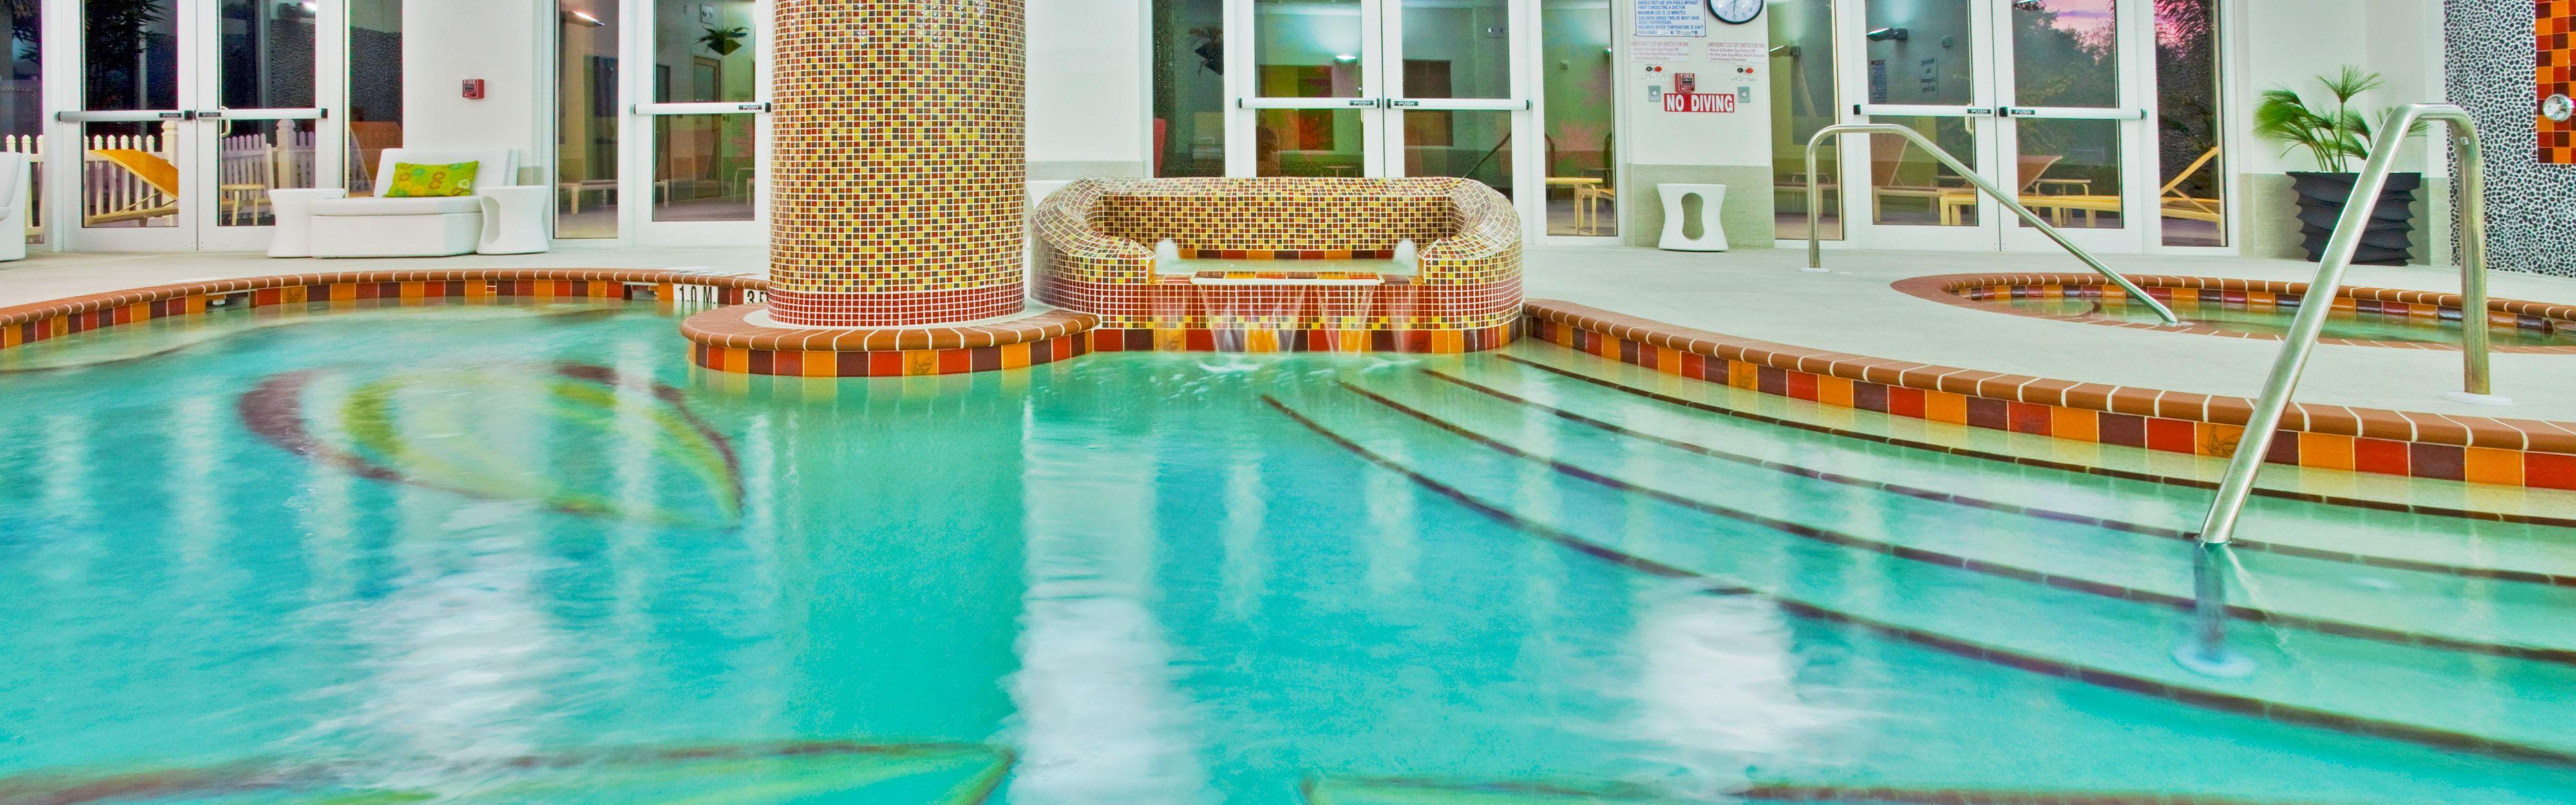 Hotels On Fruitville Road Sarasota Florida